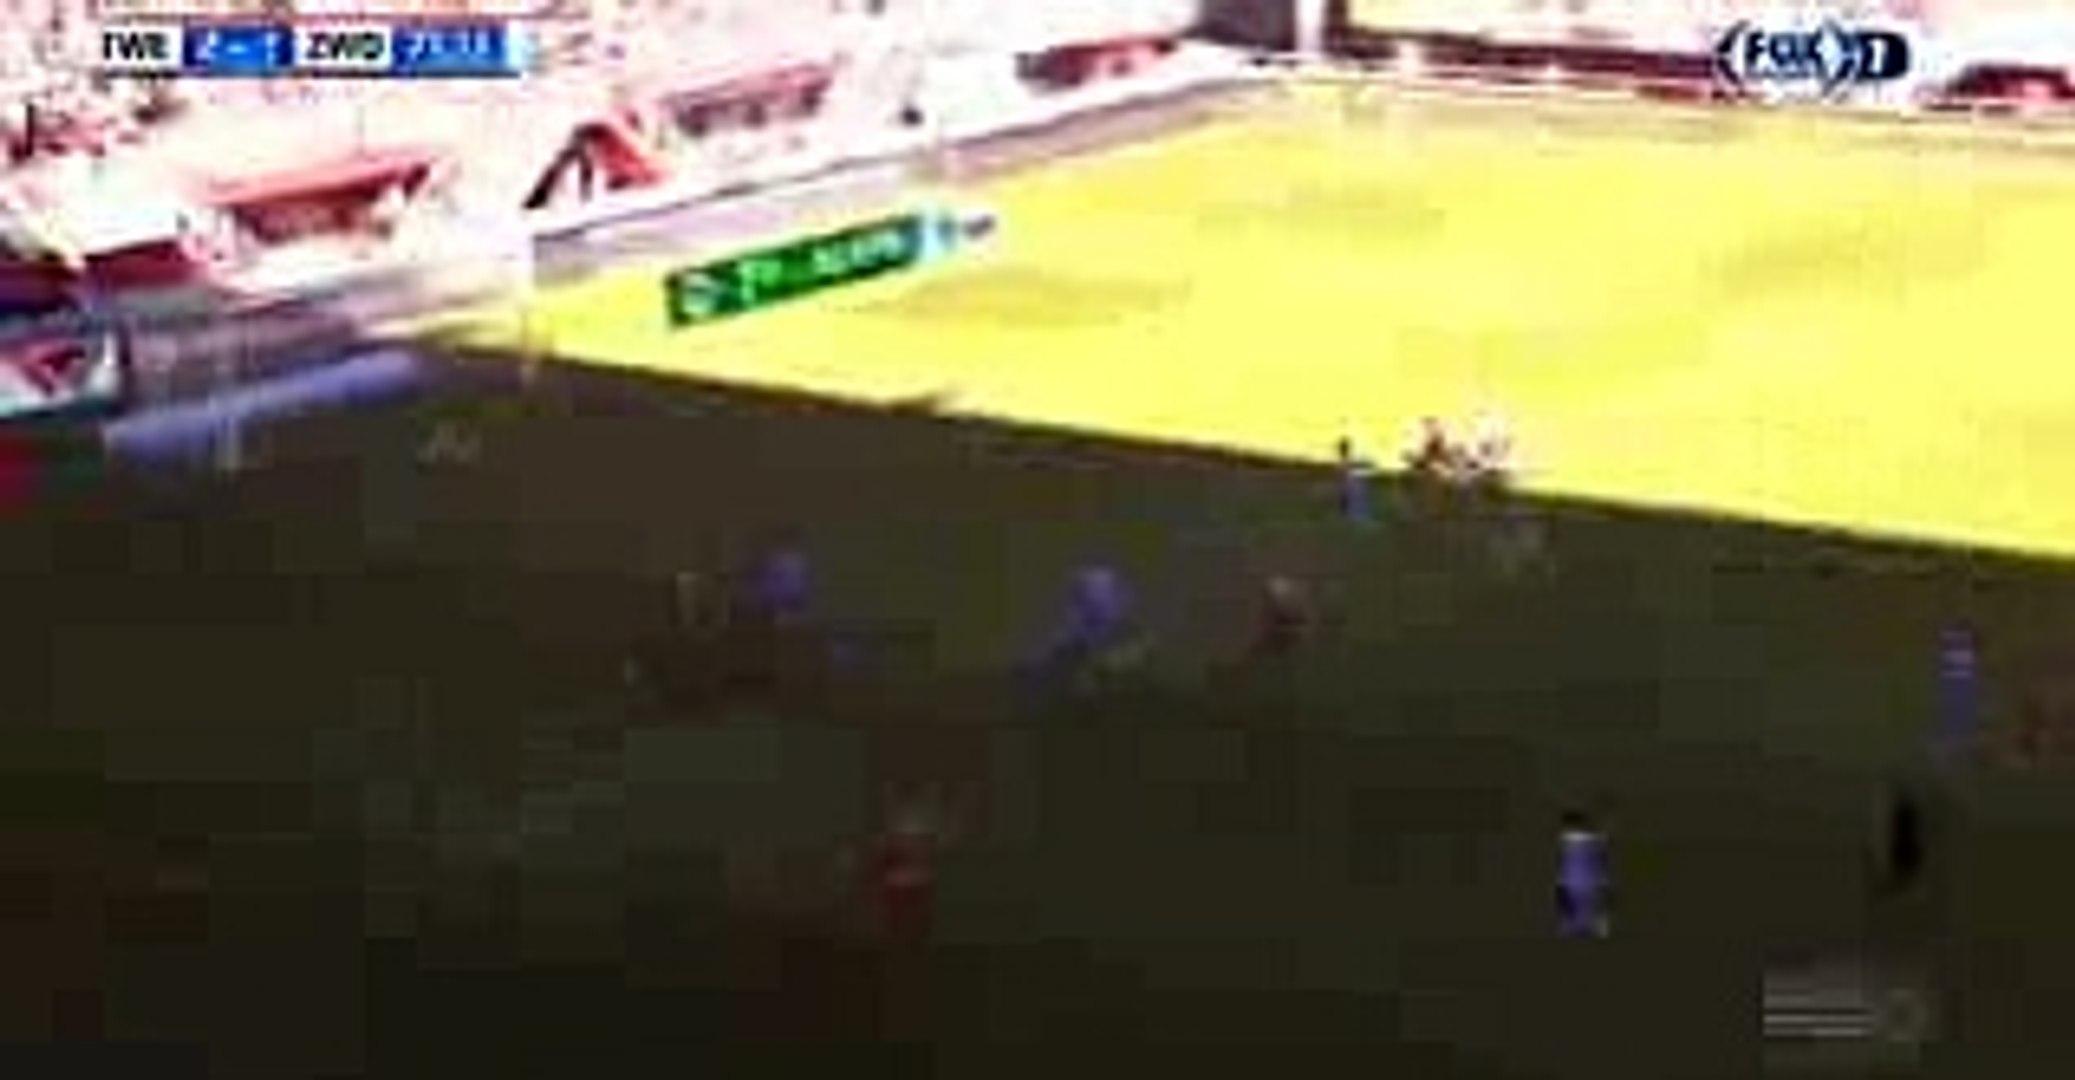 Twente vs Zwolle 2-1 Enes Unal Goal Eredivisie 16-10-2016